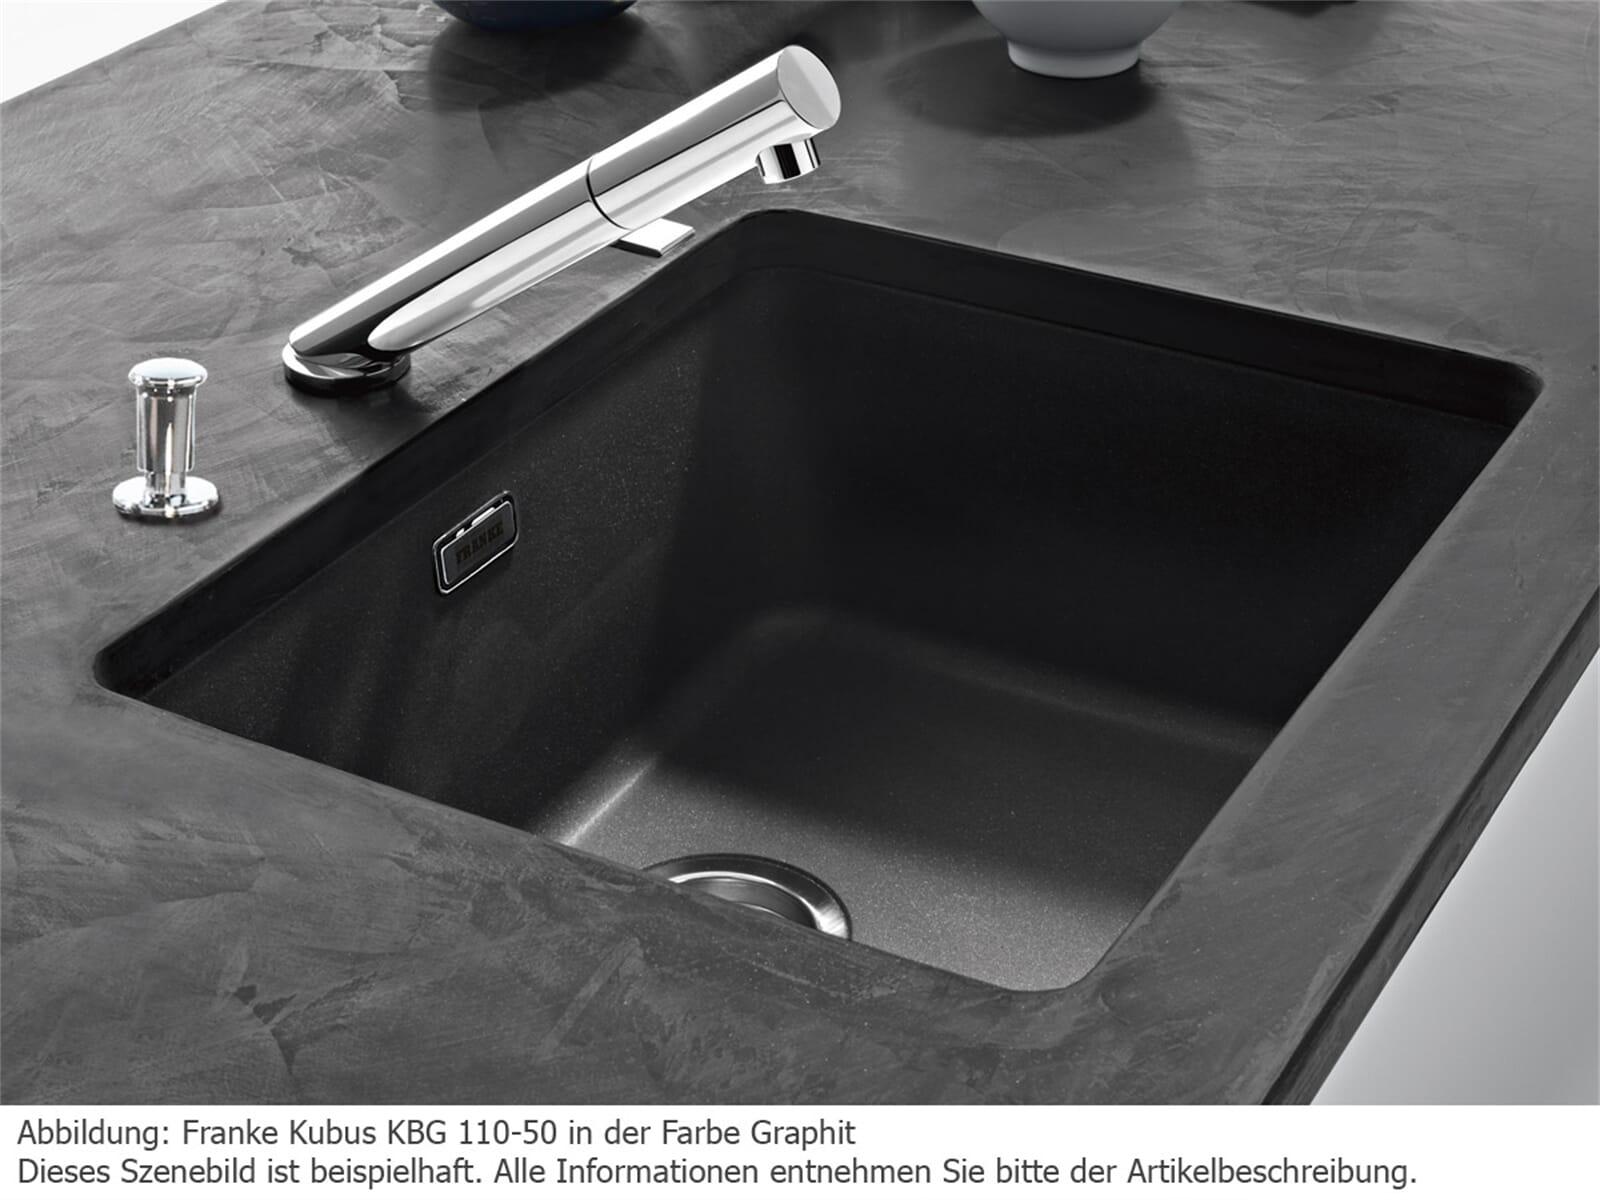 franke kubus kbg 110 50 onyx granit sp le f r 214 90 eur. Black Bedroom Furniture Sets. Home Design Ideas